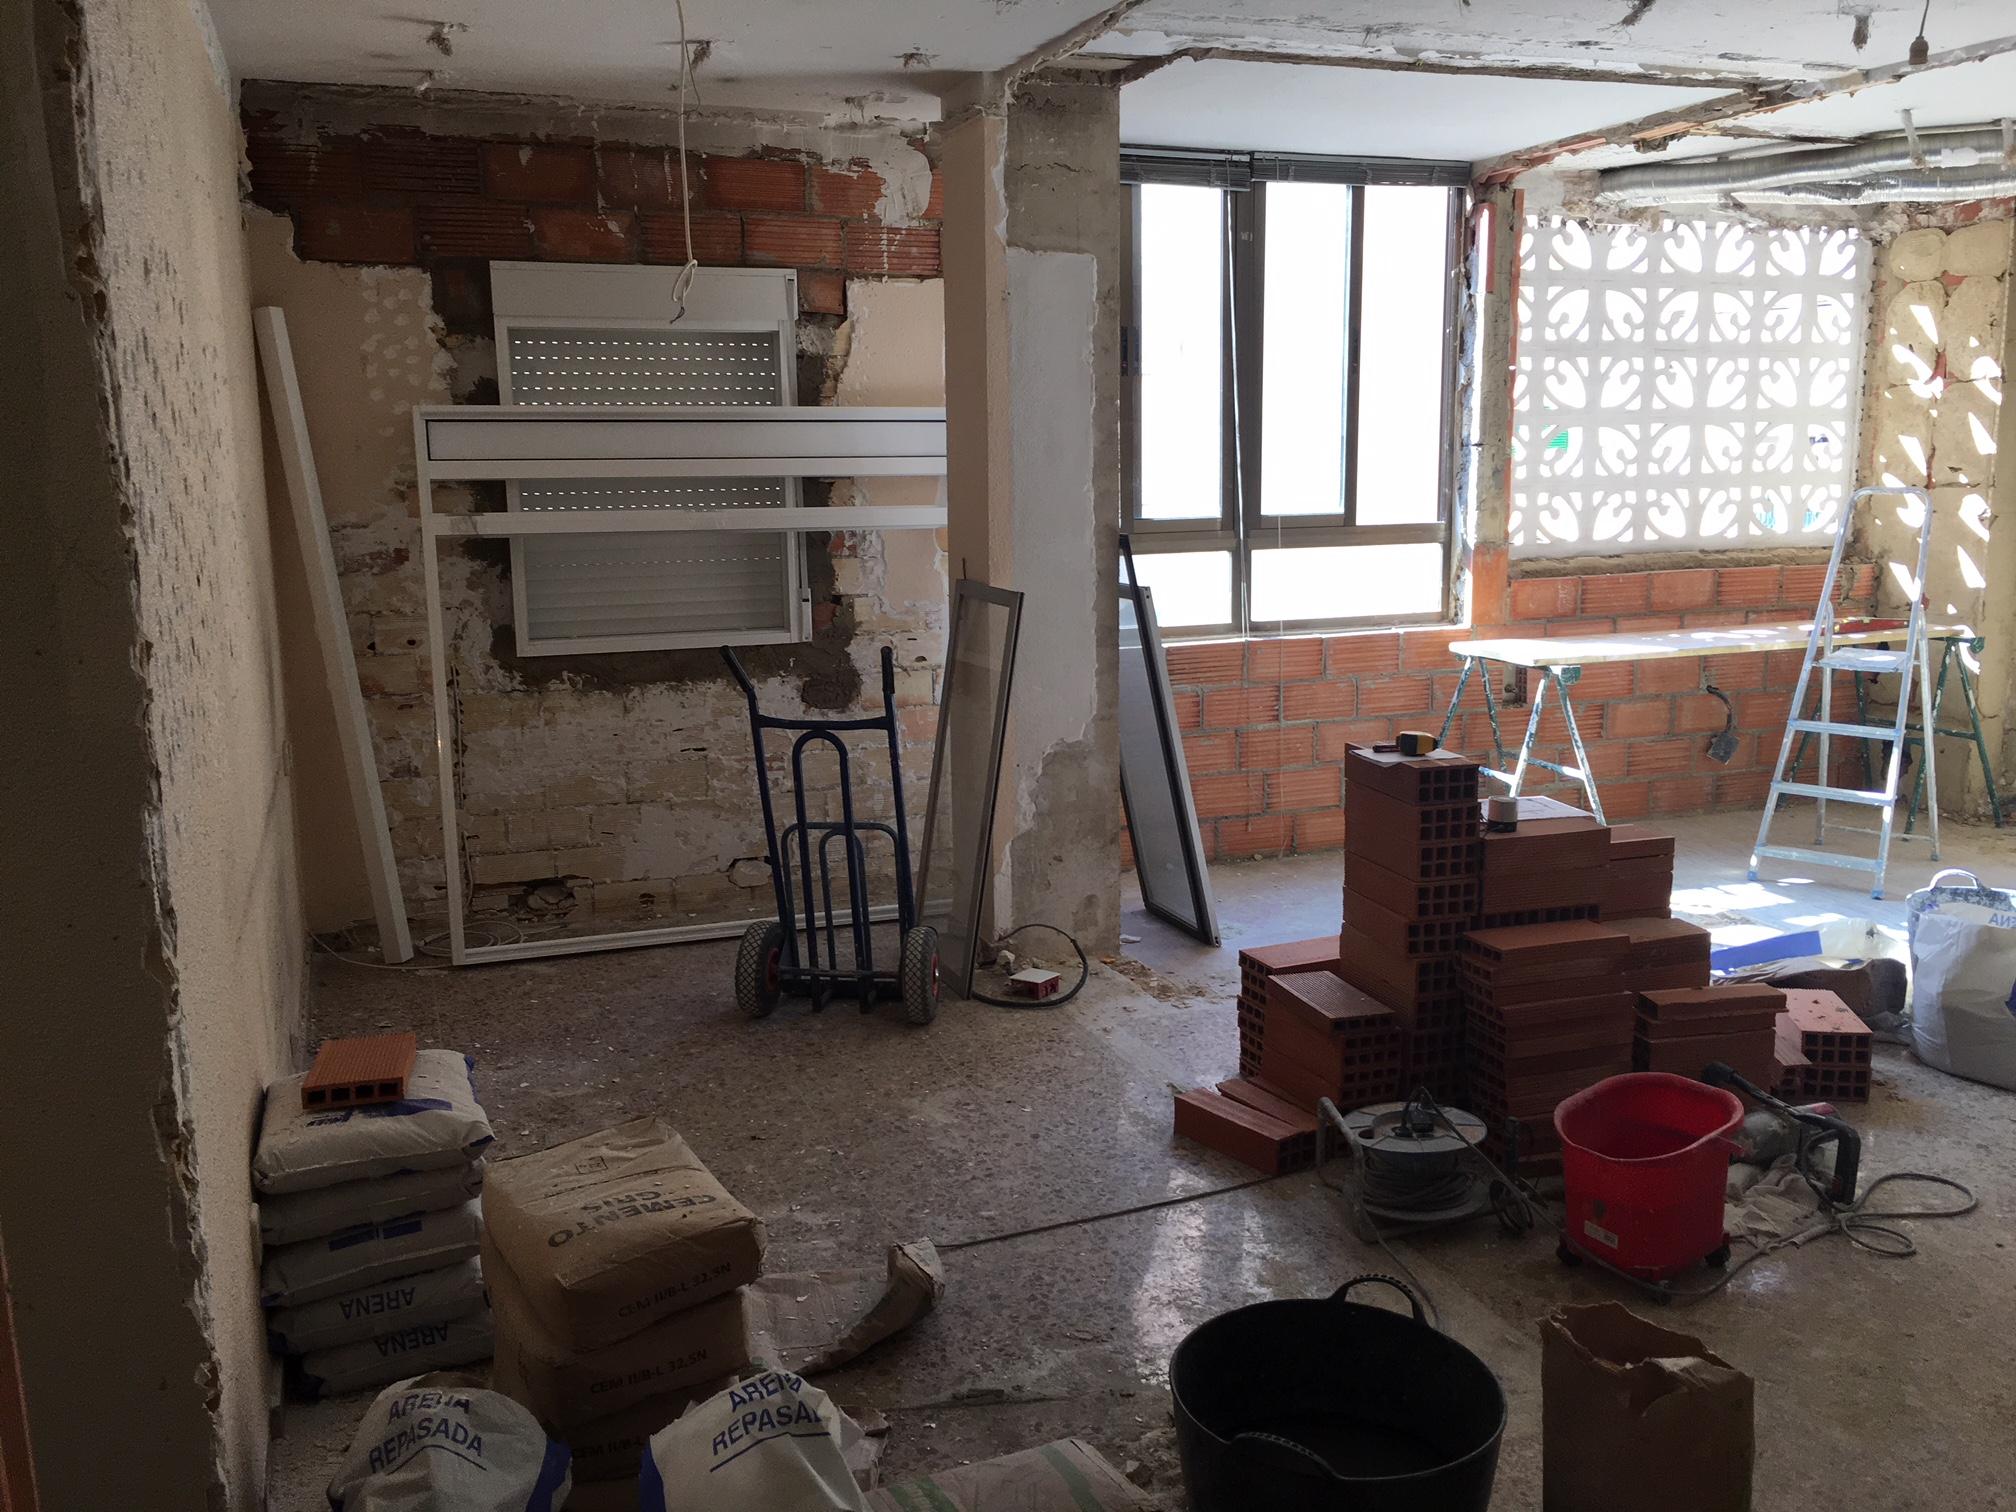 proyectos-interiorismo-interioristas-reformas-viviendas-particulares-18